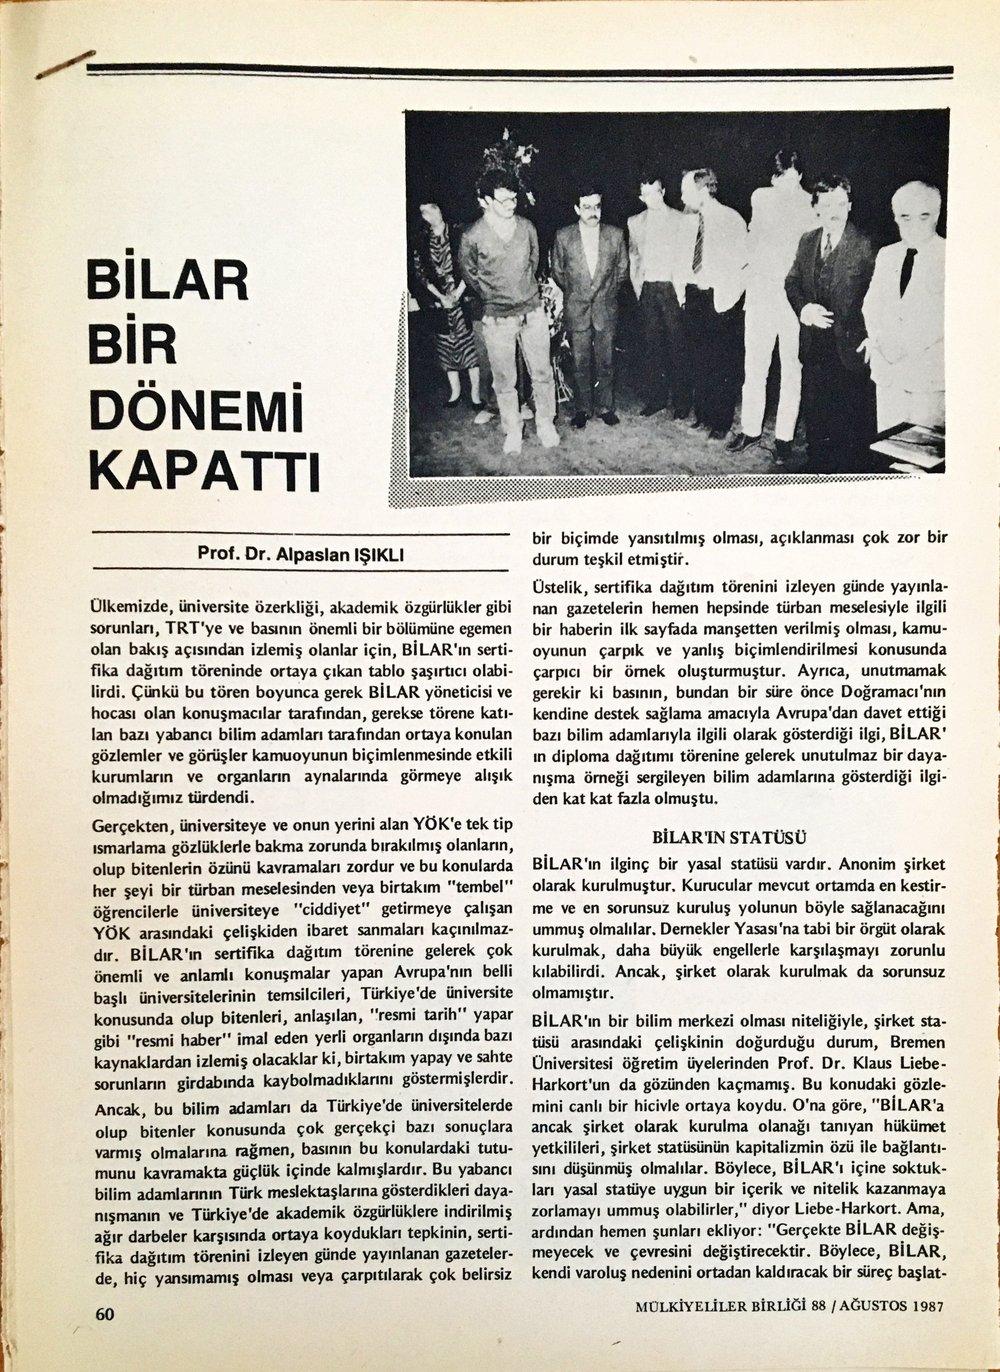 1987_mulkiyeliler-birligi-dergisi_bilar-alpaslan-isikli-1.JPG